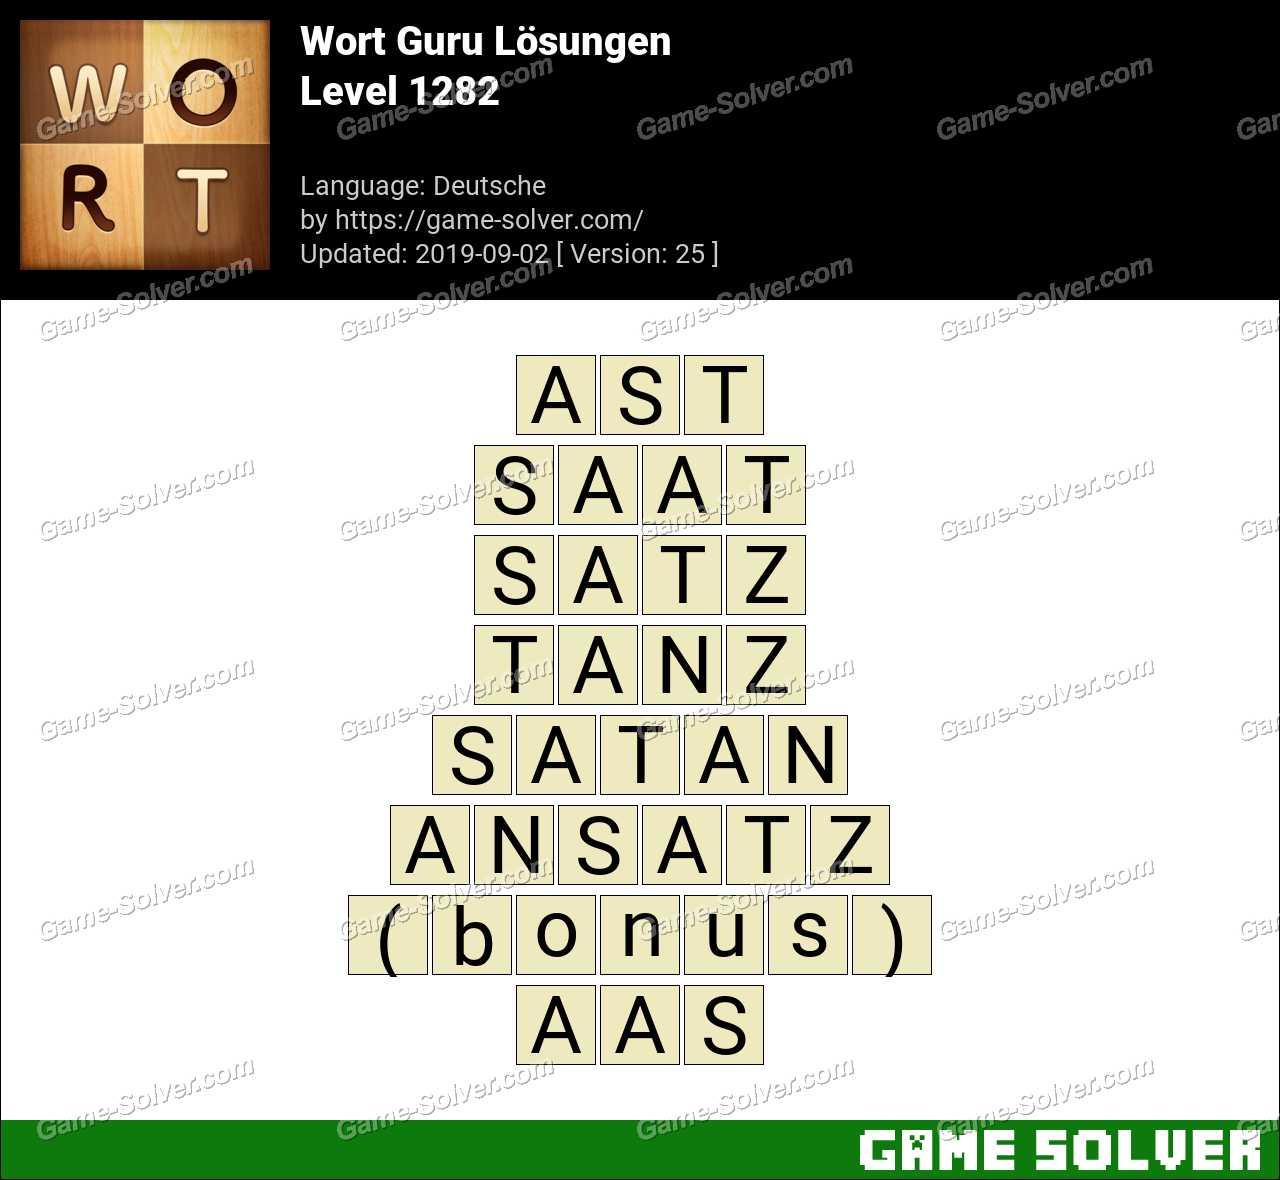 Wort Guru Level 1282 Lösungen